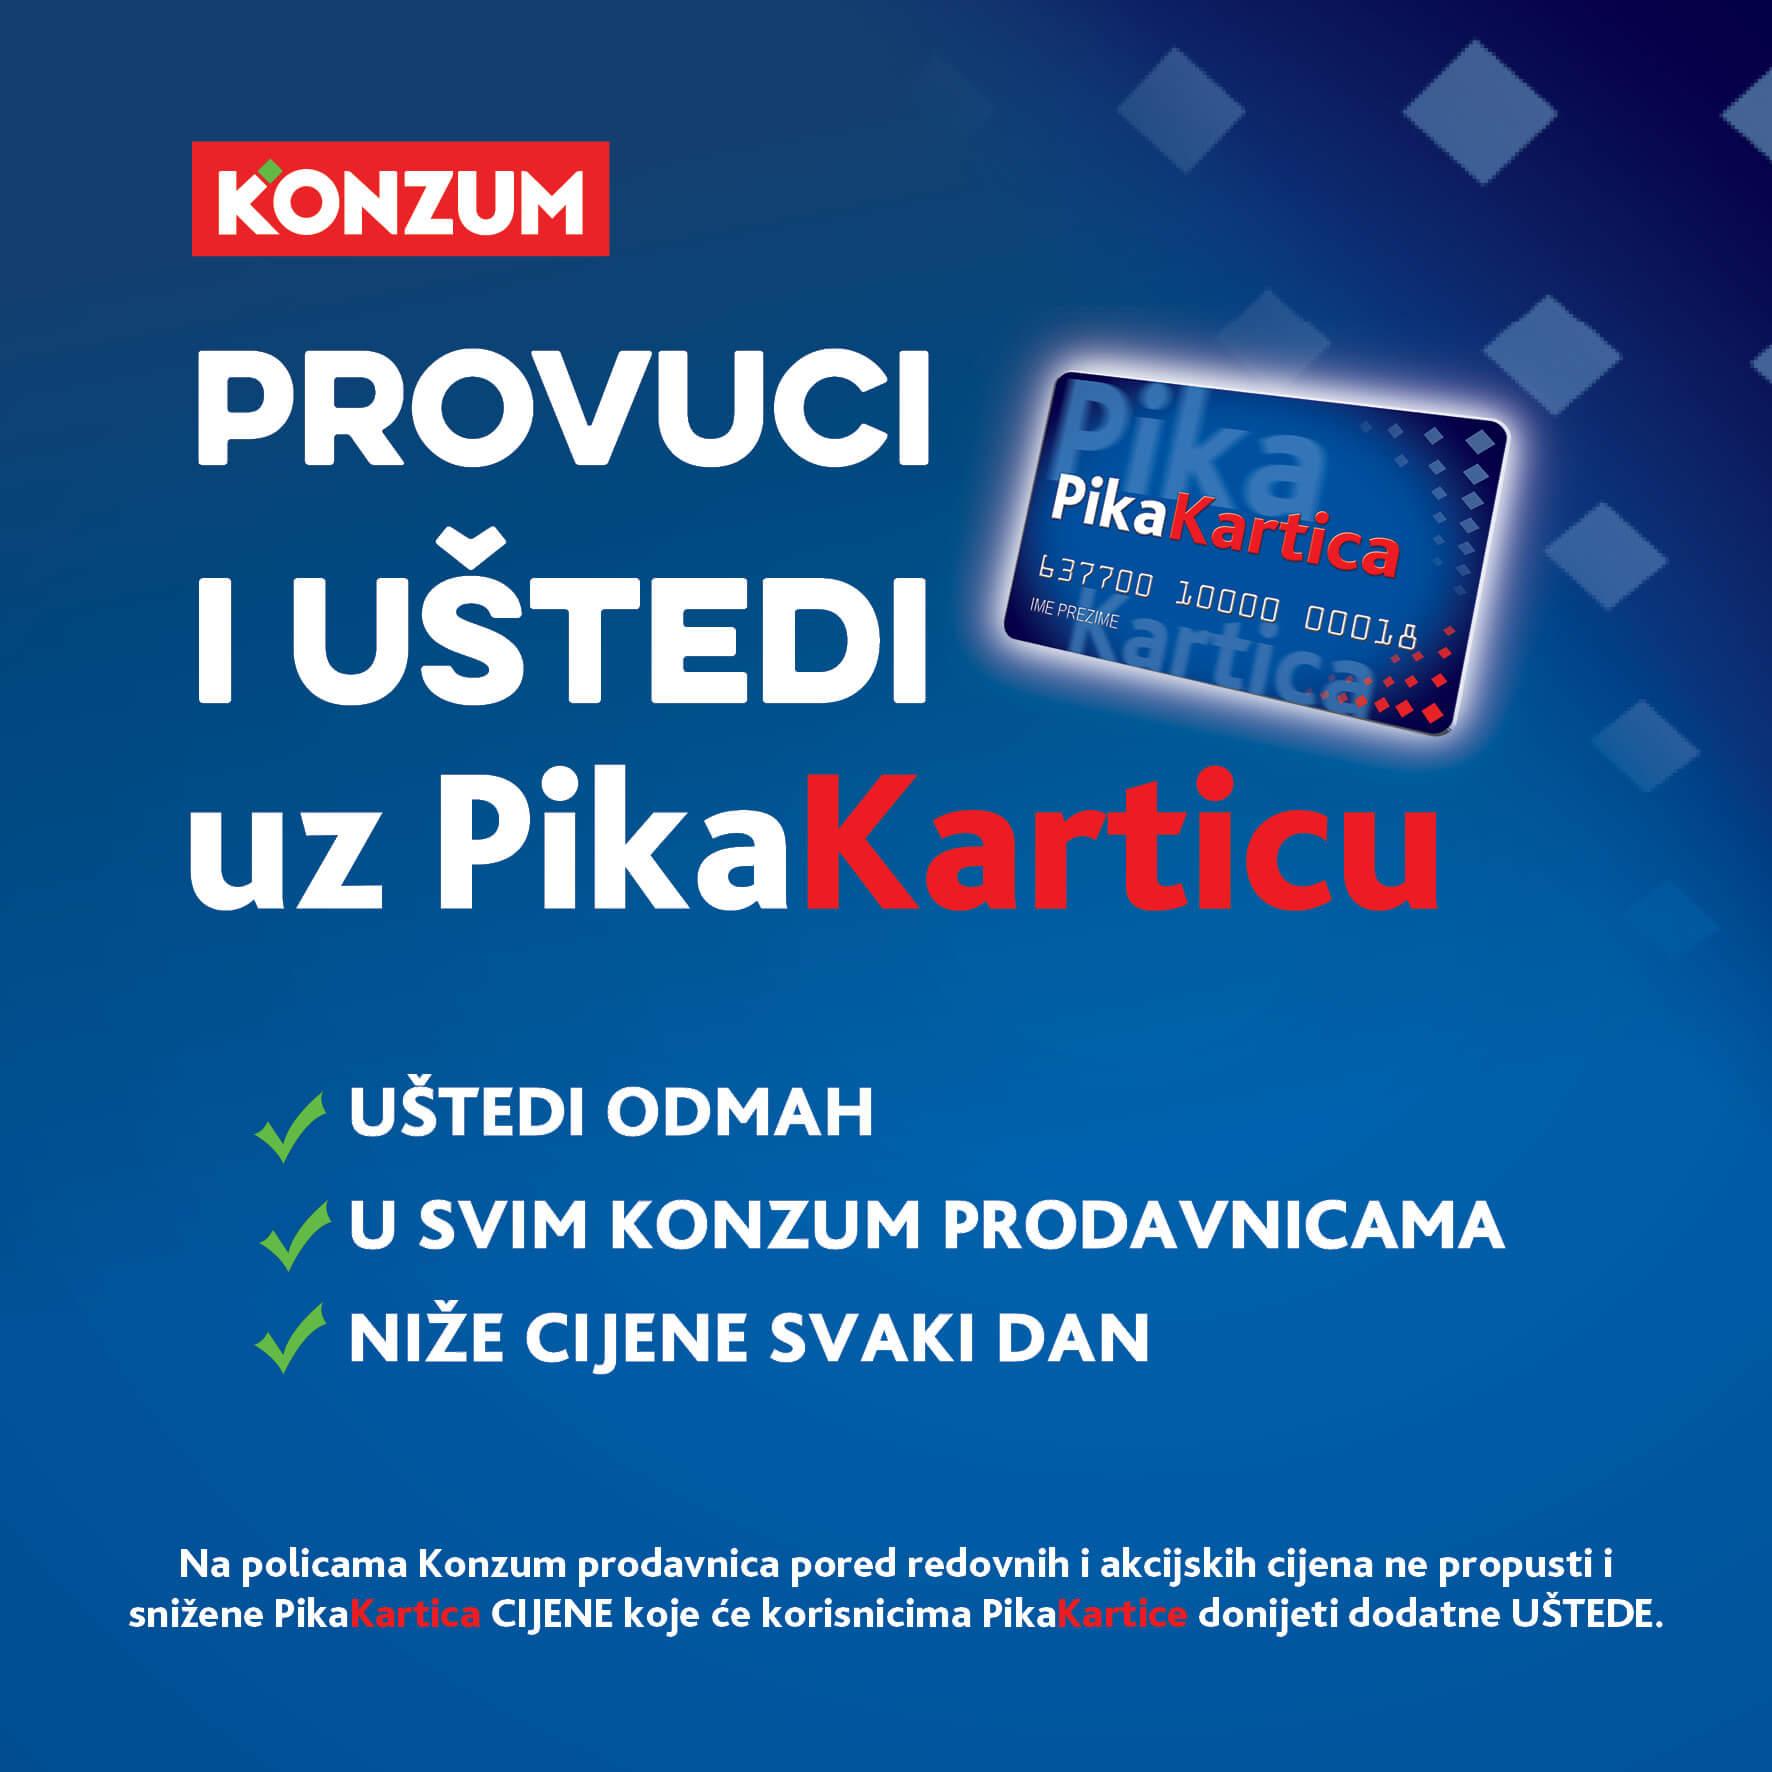 Konzum Katalog i Akcija Provuci i Ustedi uz PIKA Karticu 01.12.2020. 31.12.2020. Page 01